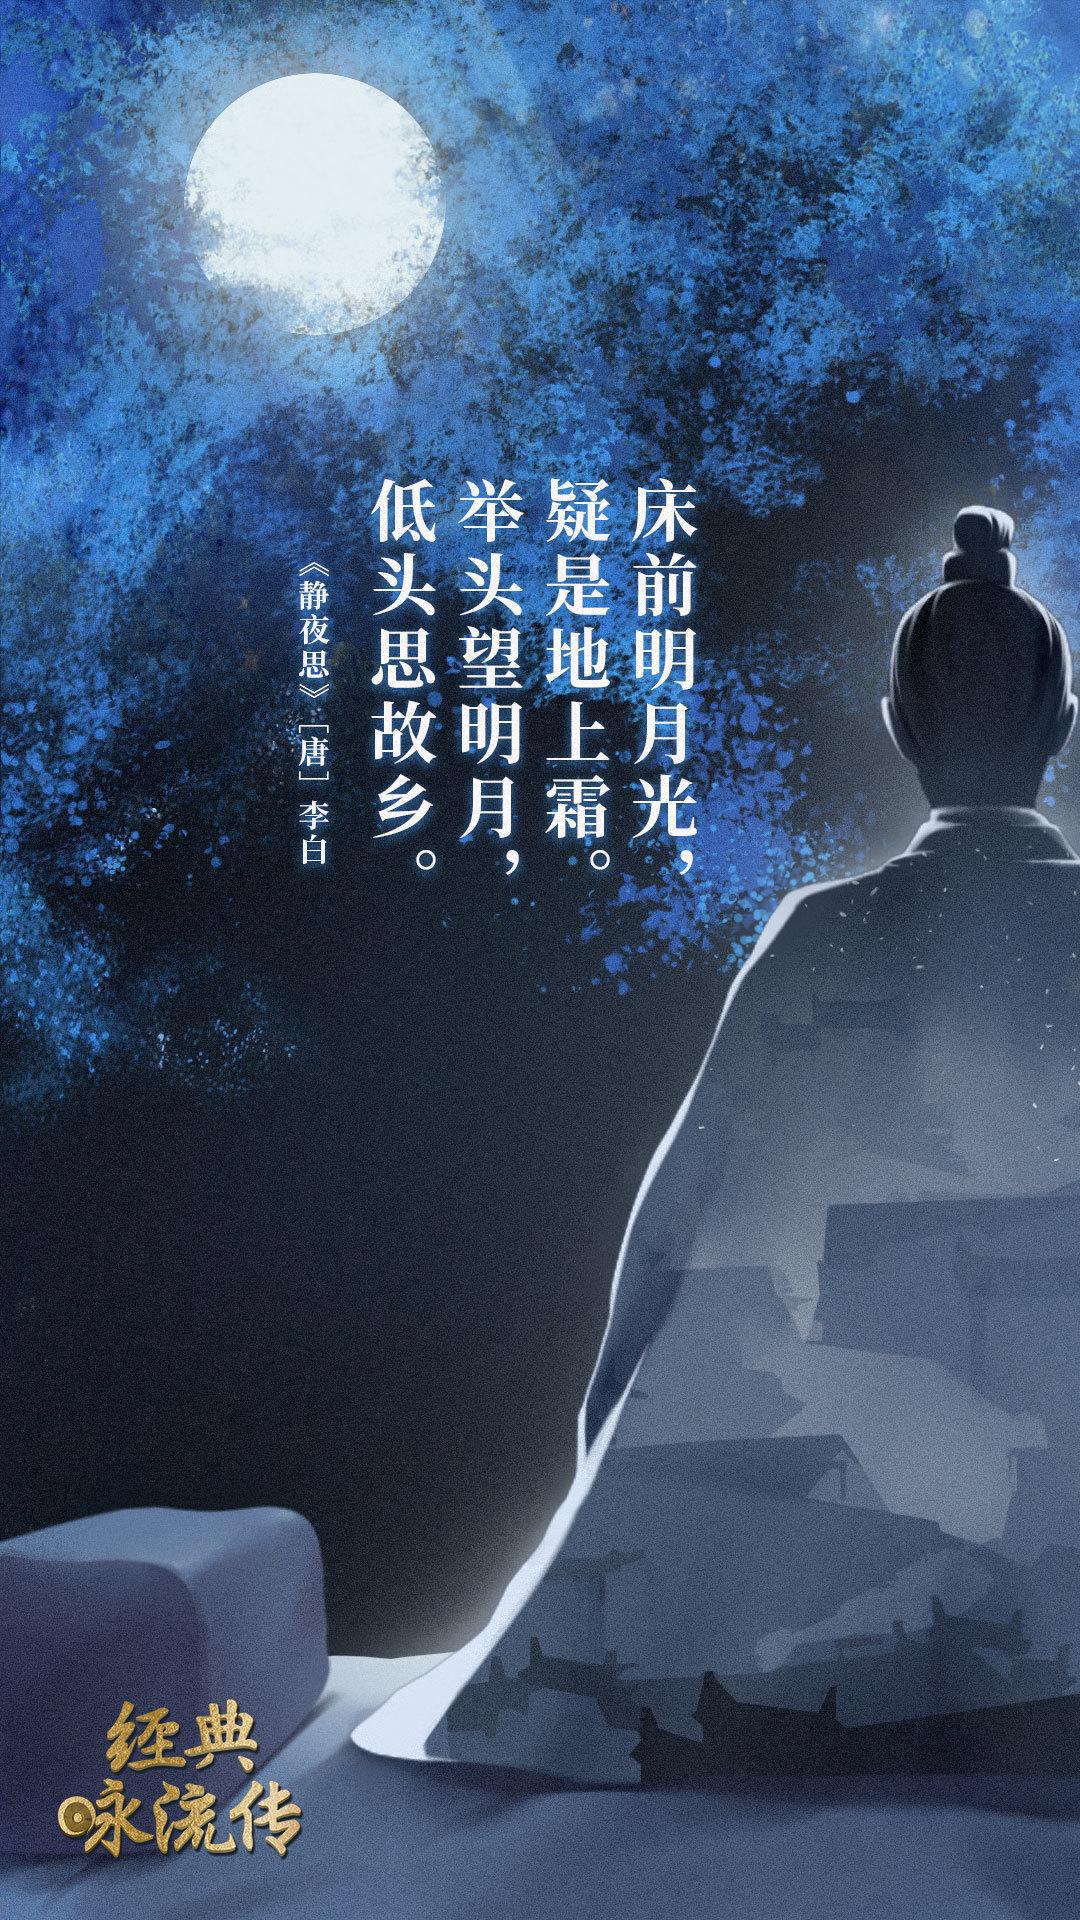 《经典咏流传》诗词意境海报合集 欣赏-第29张